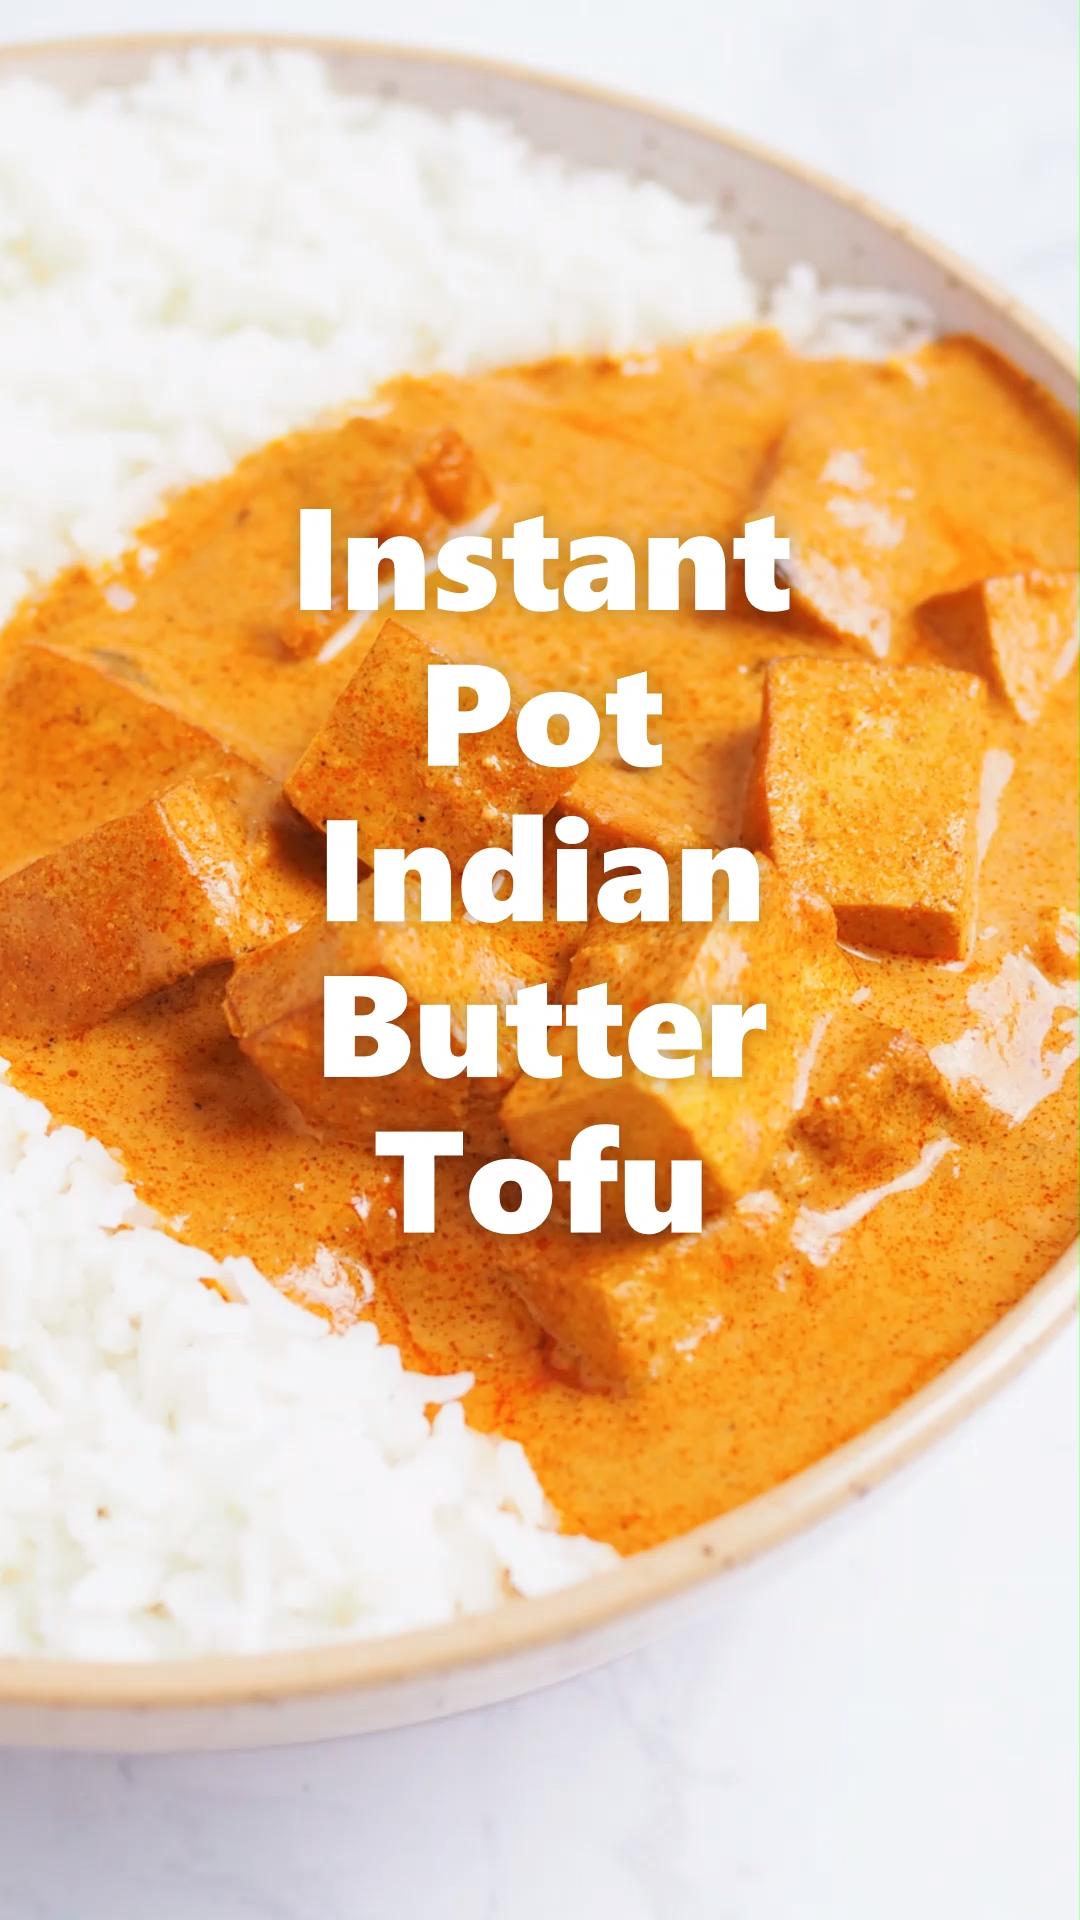 Instant Pot Indian Butter Tofu Vegan Recipe Christie At Home Video Recipe Video In 2020 Tofu Recipes Tofu Recipes Vegan Indian Food Recipes